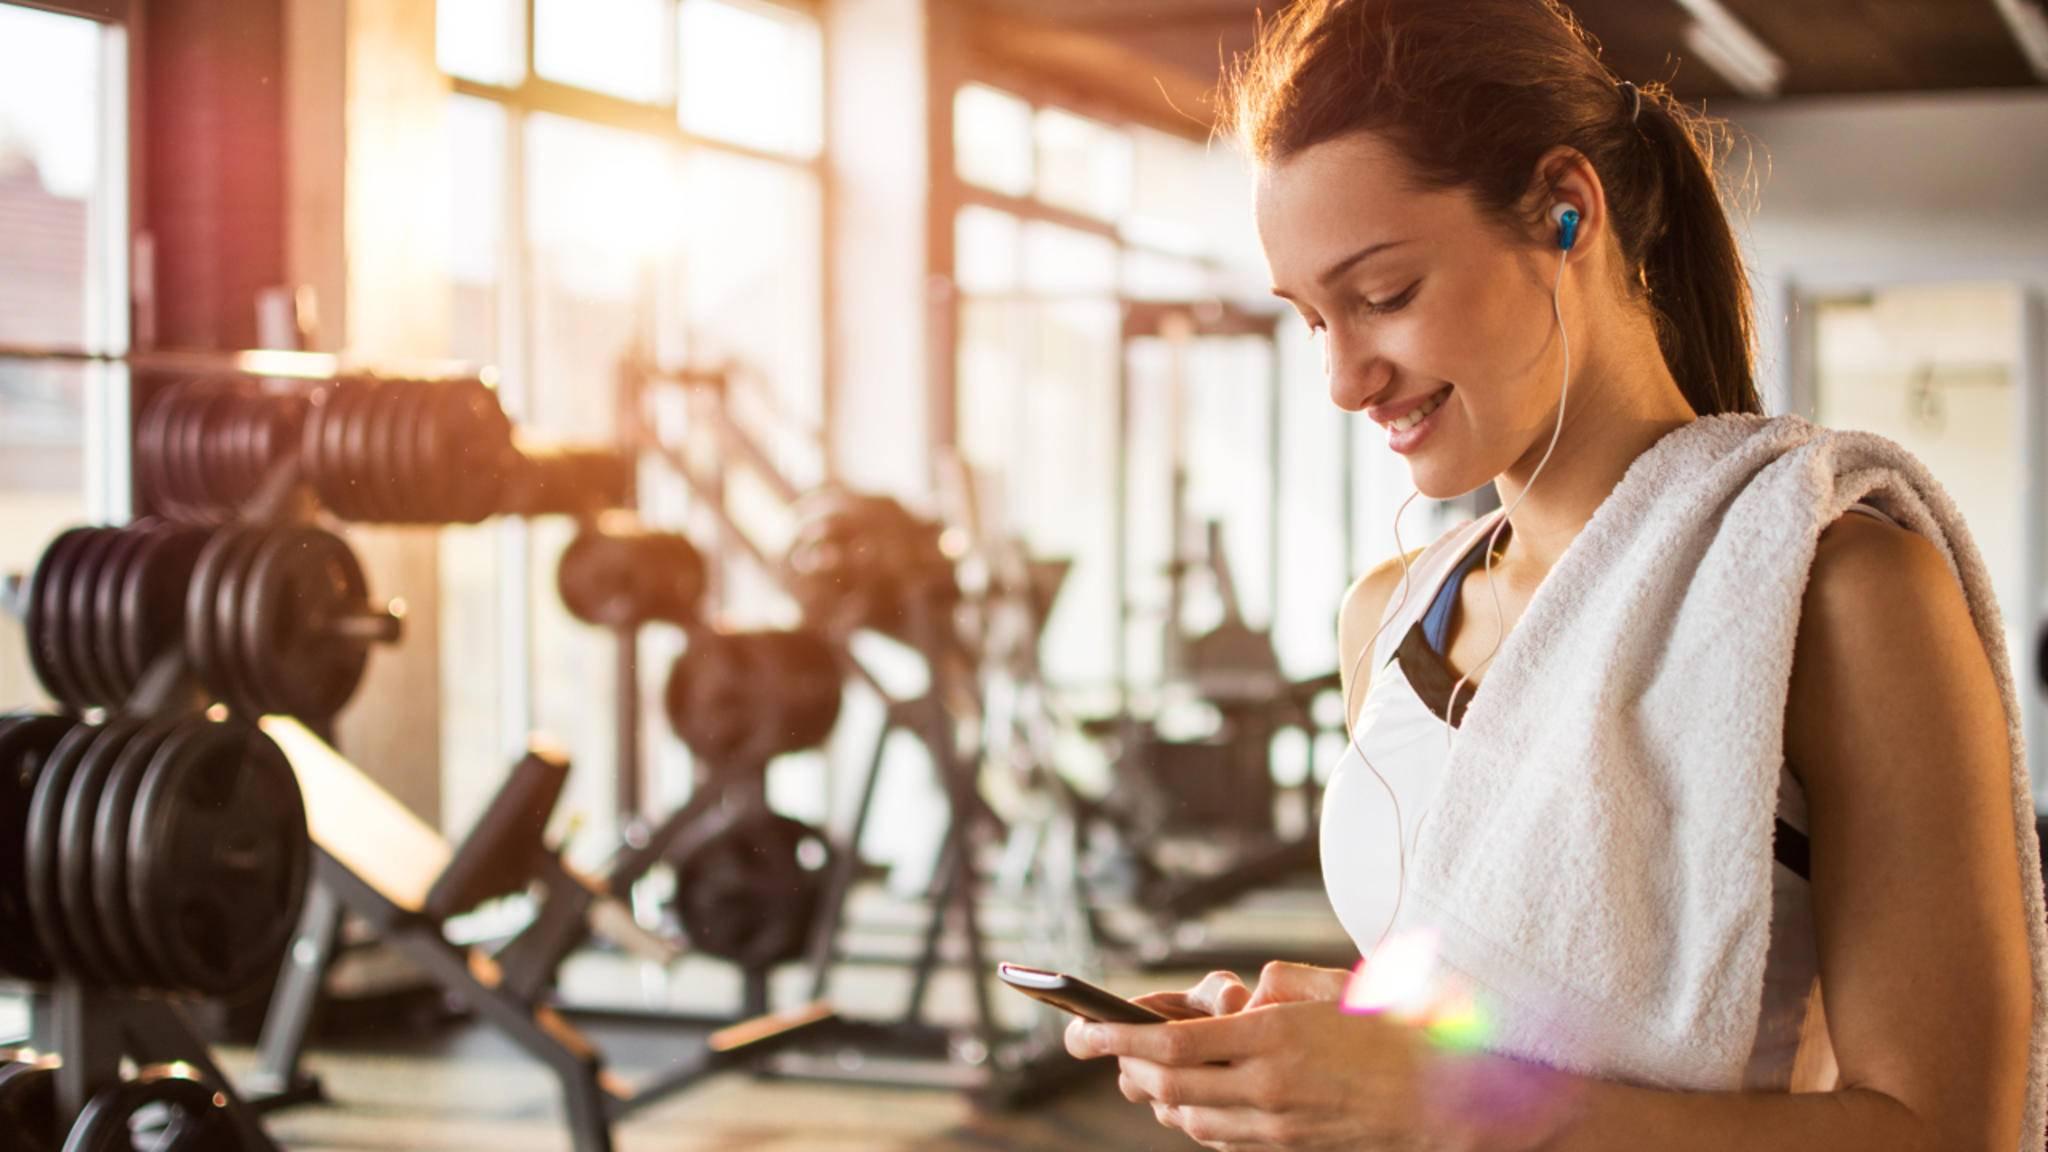 Mit der richtigen iPhone-App kannst Du Dich noch besser motivieren.